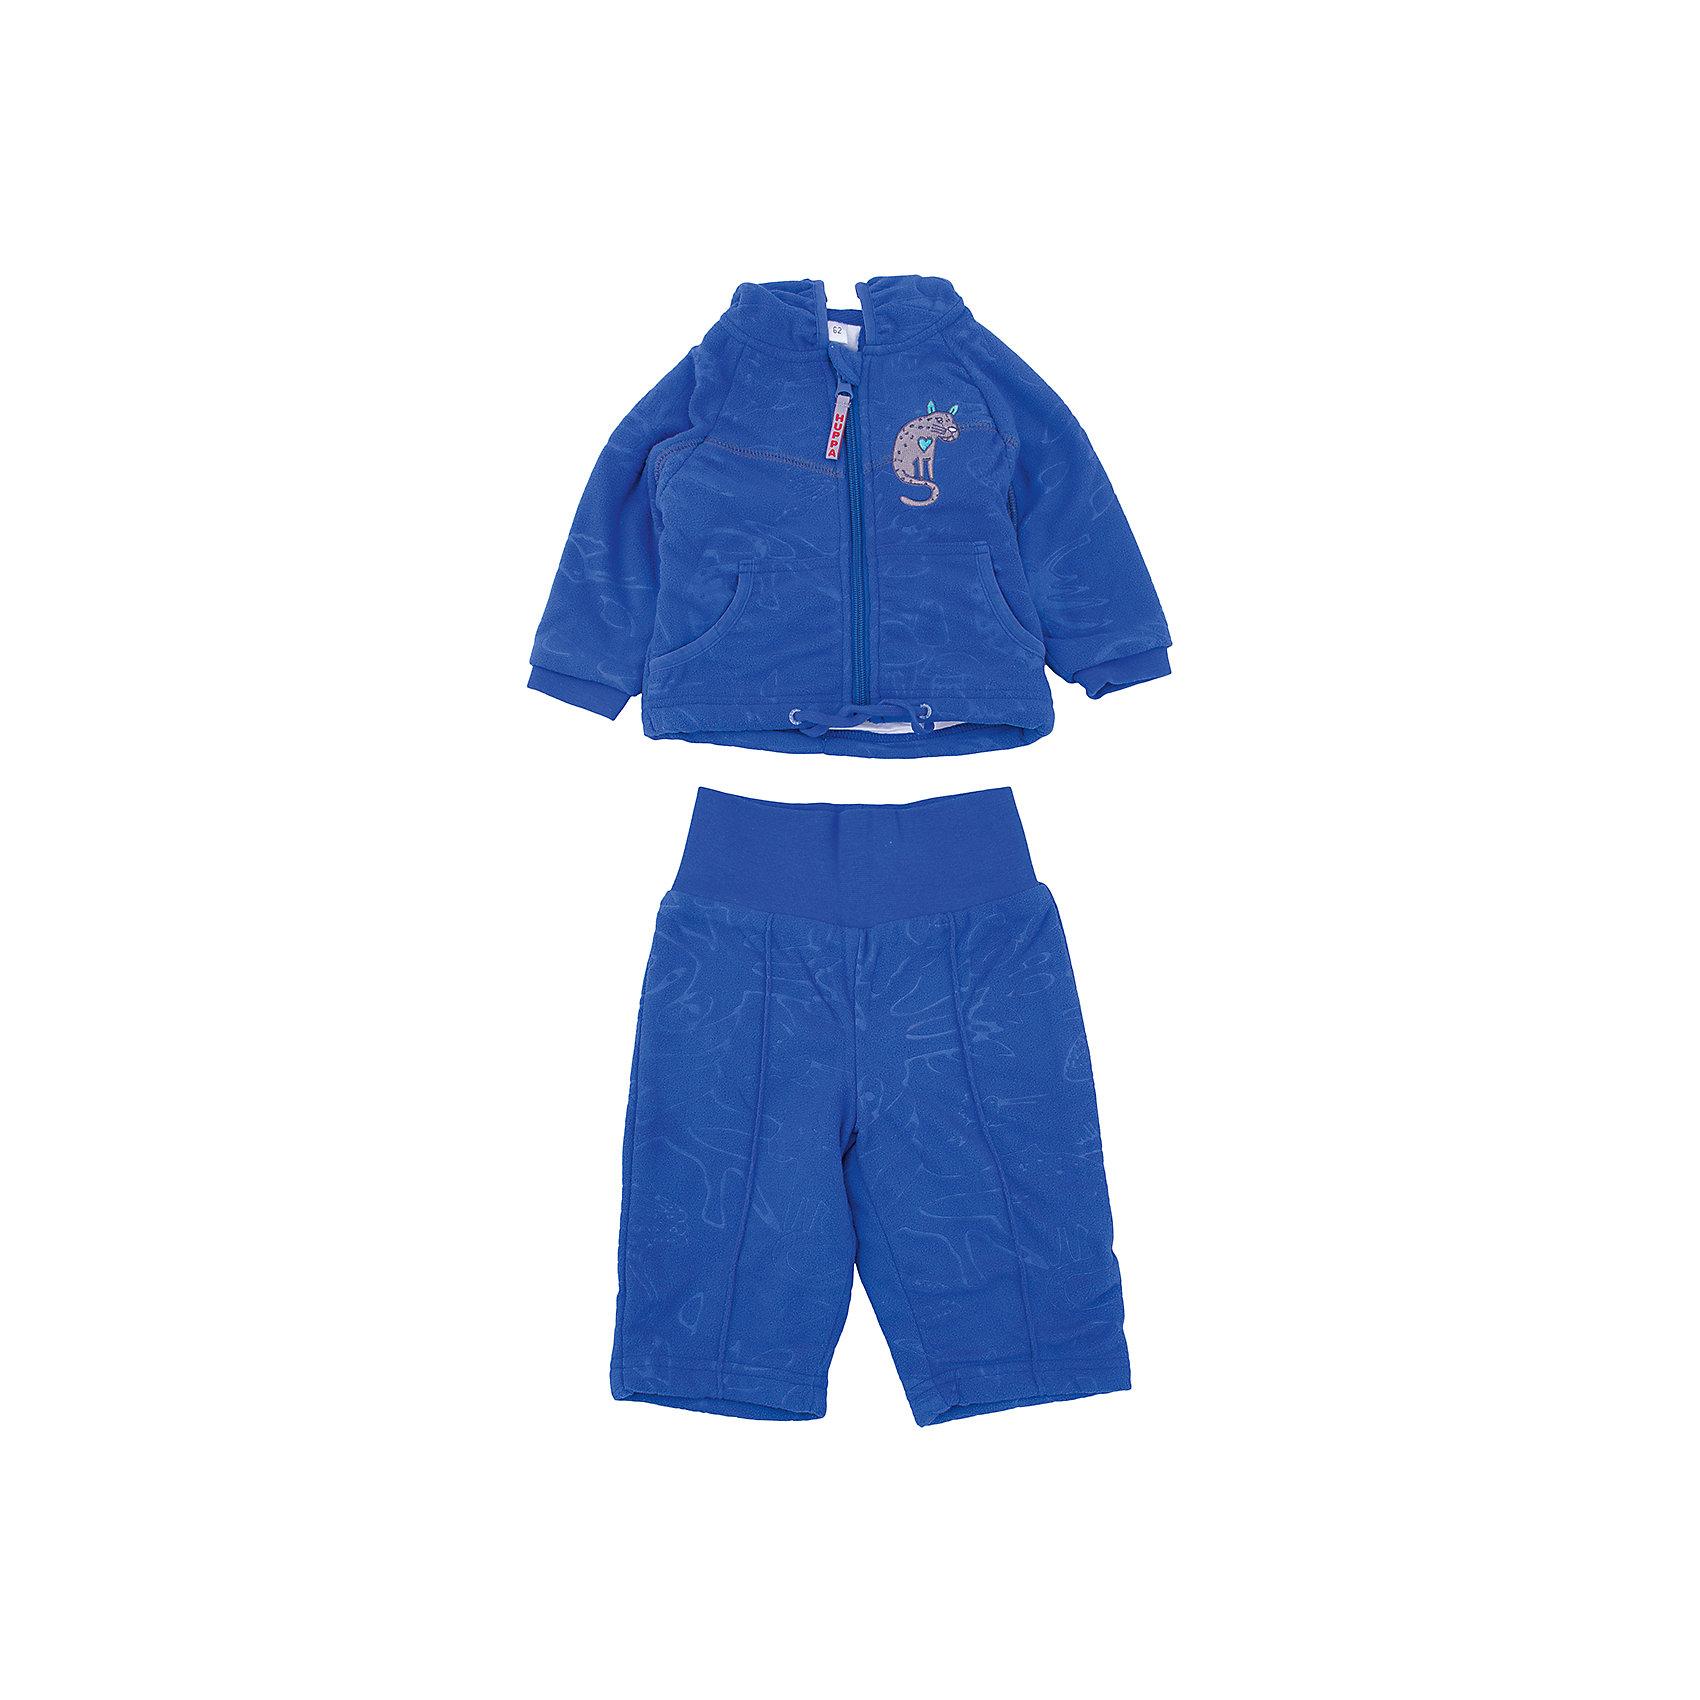 Комплект флисовый JACOBI для мальчика HuppaФлис и термобелье<br>Характеристики товара:<br><br>• цвет: синий<br>• состав: 100% полиэстер (флис), подкладка - 100% хлопок<br>• комплектация: курточка, брюки<br>• застежка: молния<br>• капюшон<br>• мягкие манжеты на куртке<br>• декорирована вышивкой<br>• комфортная посадка<br>• пояс брюк - мягкая резинка<br>• мягкий материал<br>• страна бренда: Эстония<br><br>Такой комплект обеспечит малышам тепло и комфорт. Он сделан из приятного на ощупь материала с мягким ворсом, поэтому изделия не колются и не натирают. Подкладка выполнена из дышащего и гипоаллергенного хлопка. Комплект очень симпатично смотрится, яркая расцветка и отделка добавляют ему оригинальности. Модель была разработана специально для малышей.<br><br>Одежда и обувь от популярного эстонского бренда Huppa - отличный вариант одеть ребенка можно и комфортно. Вещи, выпускаемые компанией, качественные, продуманные и очень удобные. Для производства изделий используются только безопасные для детей материалы. Продукция от Huppa порадует и детей, и их родителей!<br><br>Комплект флисовый JACOBI от бренда Huppa (Хуппа) можно купить в нашем интернет-магазине.<br><br>Ширина мм: 190<br>Глубина мм: 74<br>Высота мм: 229<br>Вес г: 236<br>Цвет: синий<br>Возраст от месяцев: 2<br>Возраст до месяцев: 5<br>Пол: Мужской<br>Возраст: Детский<br>Размер: 62,80,92,86,68,74<br>SKU: 5347547